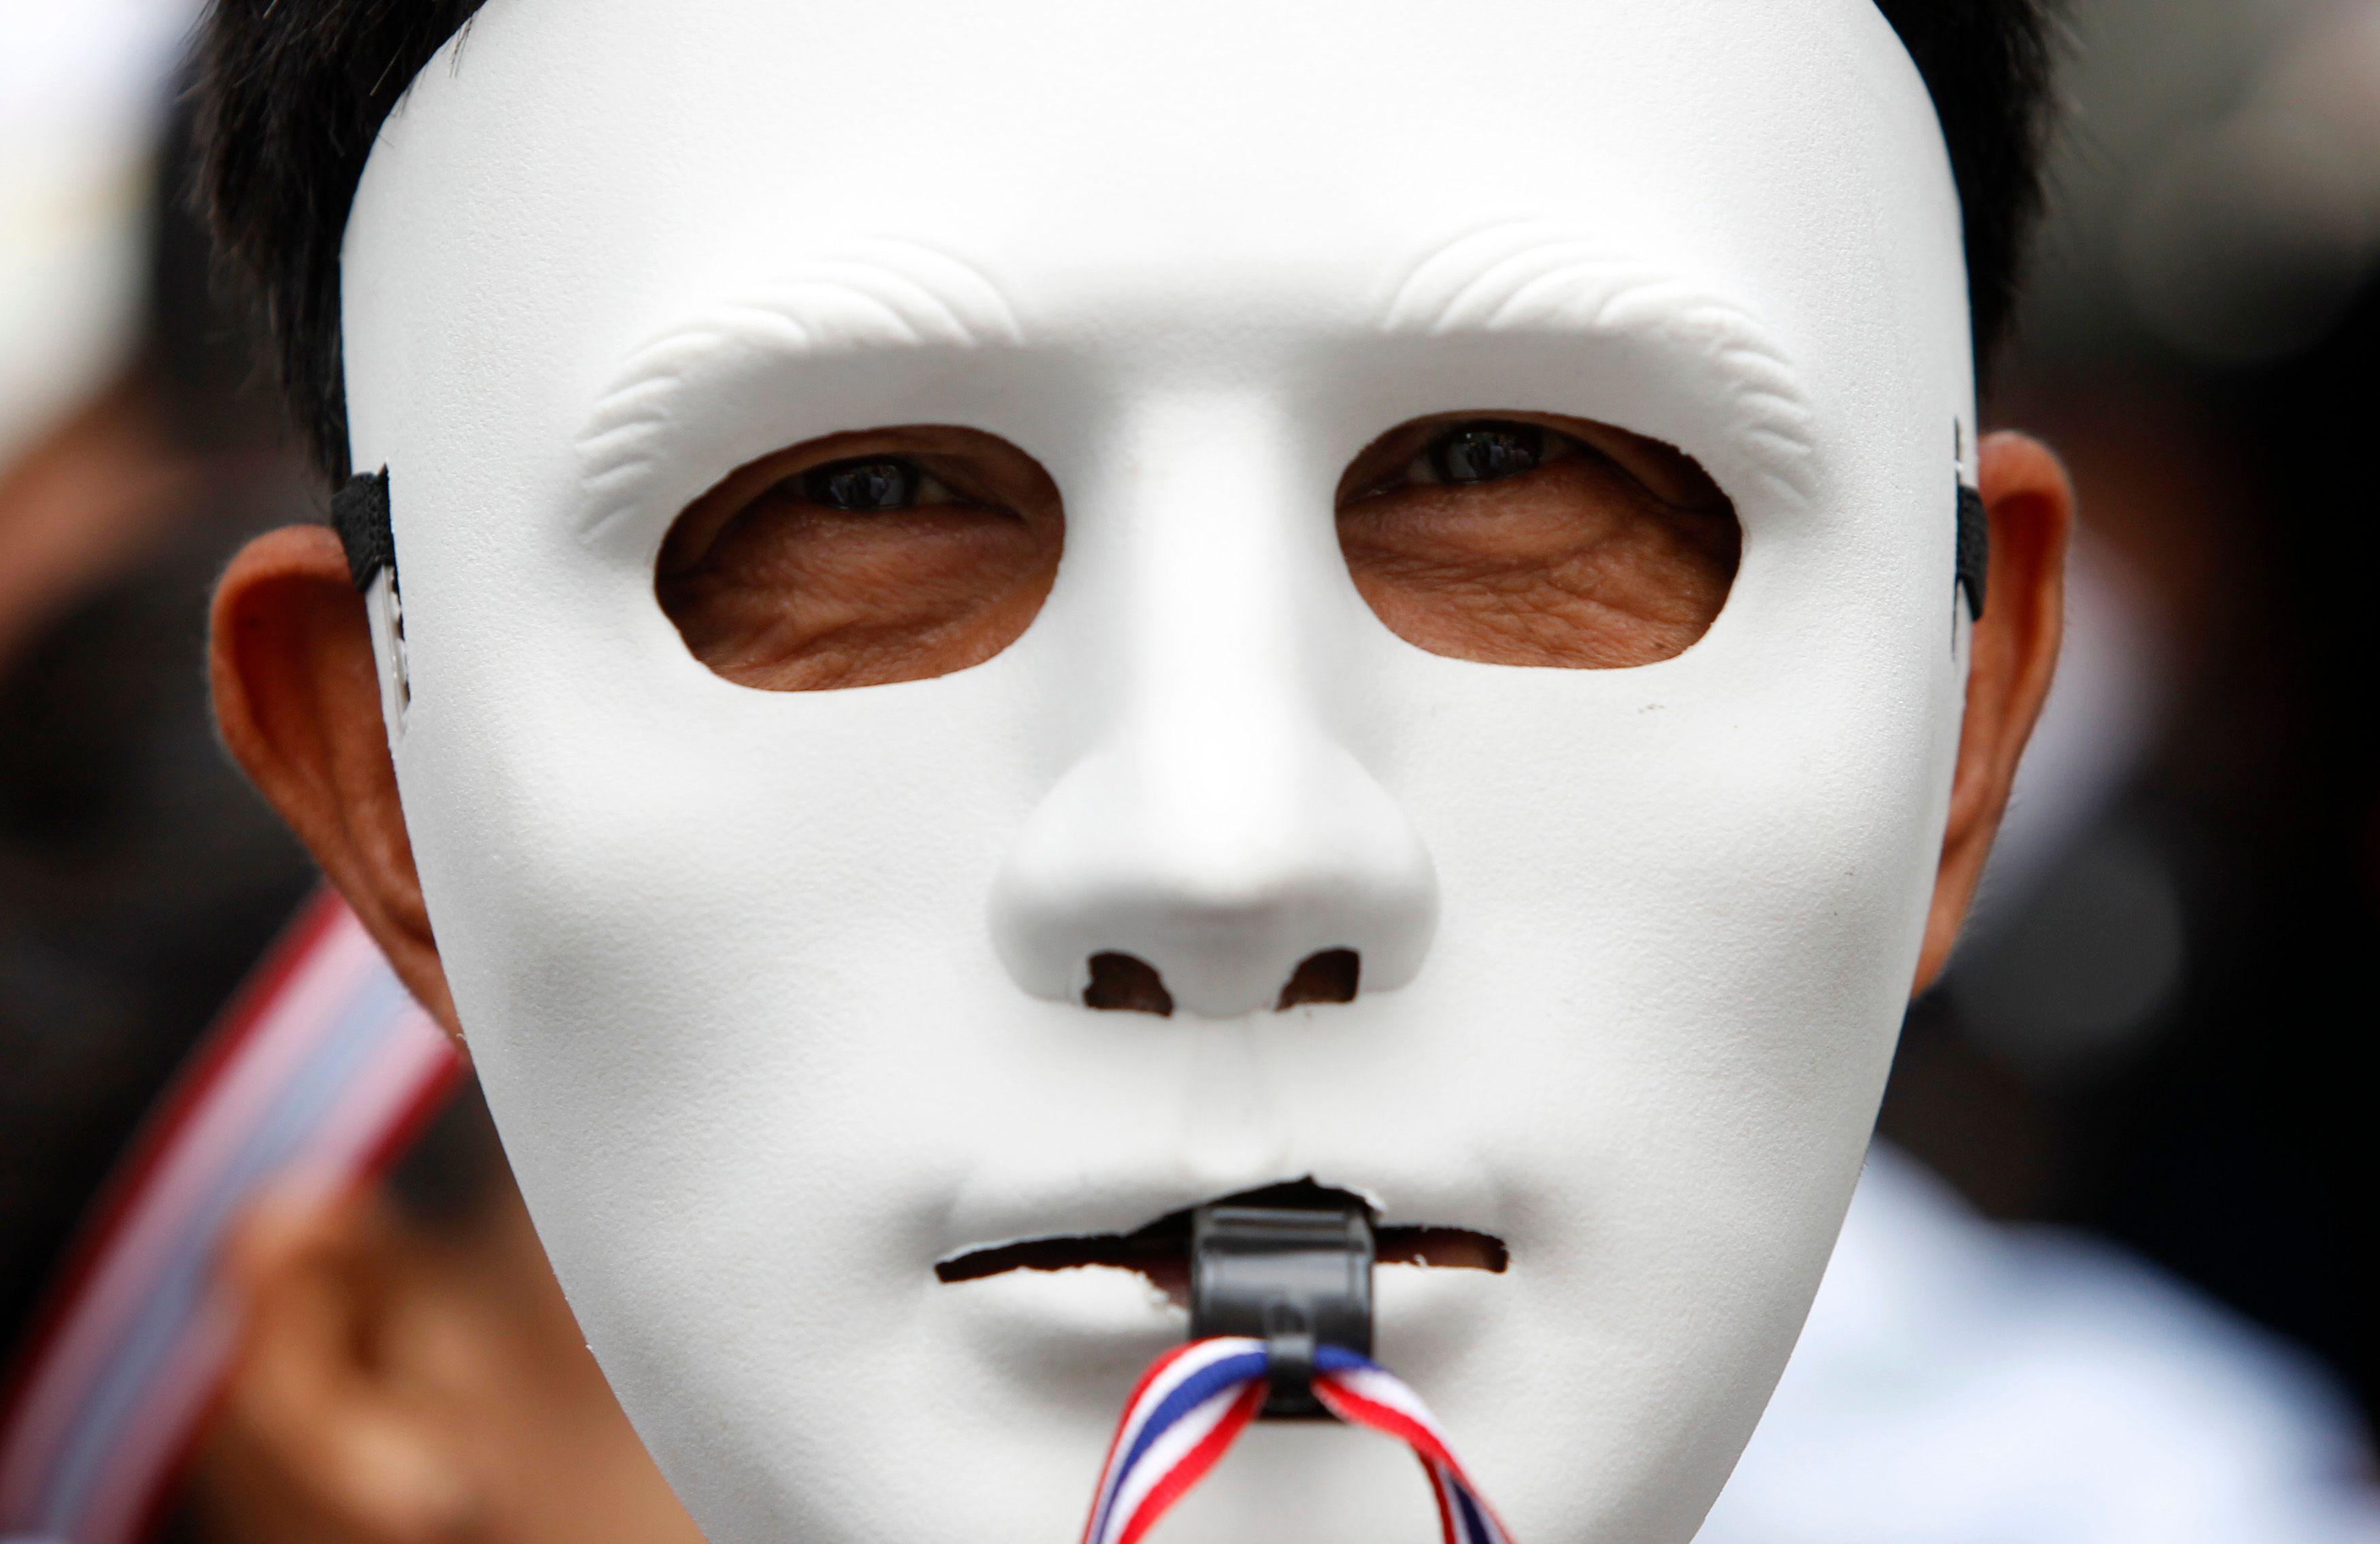 Les visages incontestables du racisme anti-blanc et la xénophobie anti-française